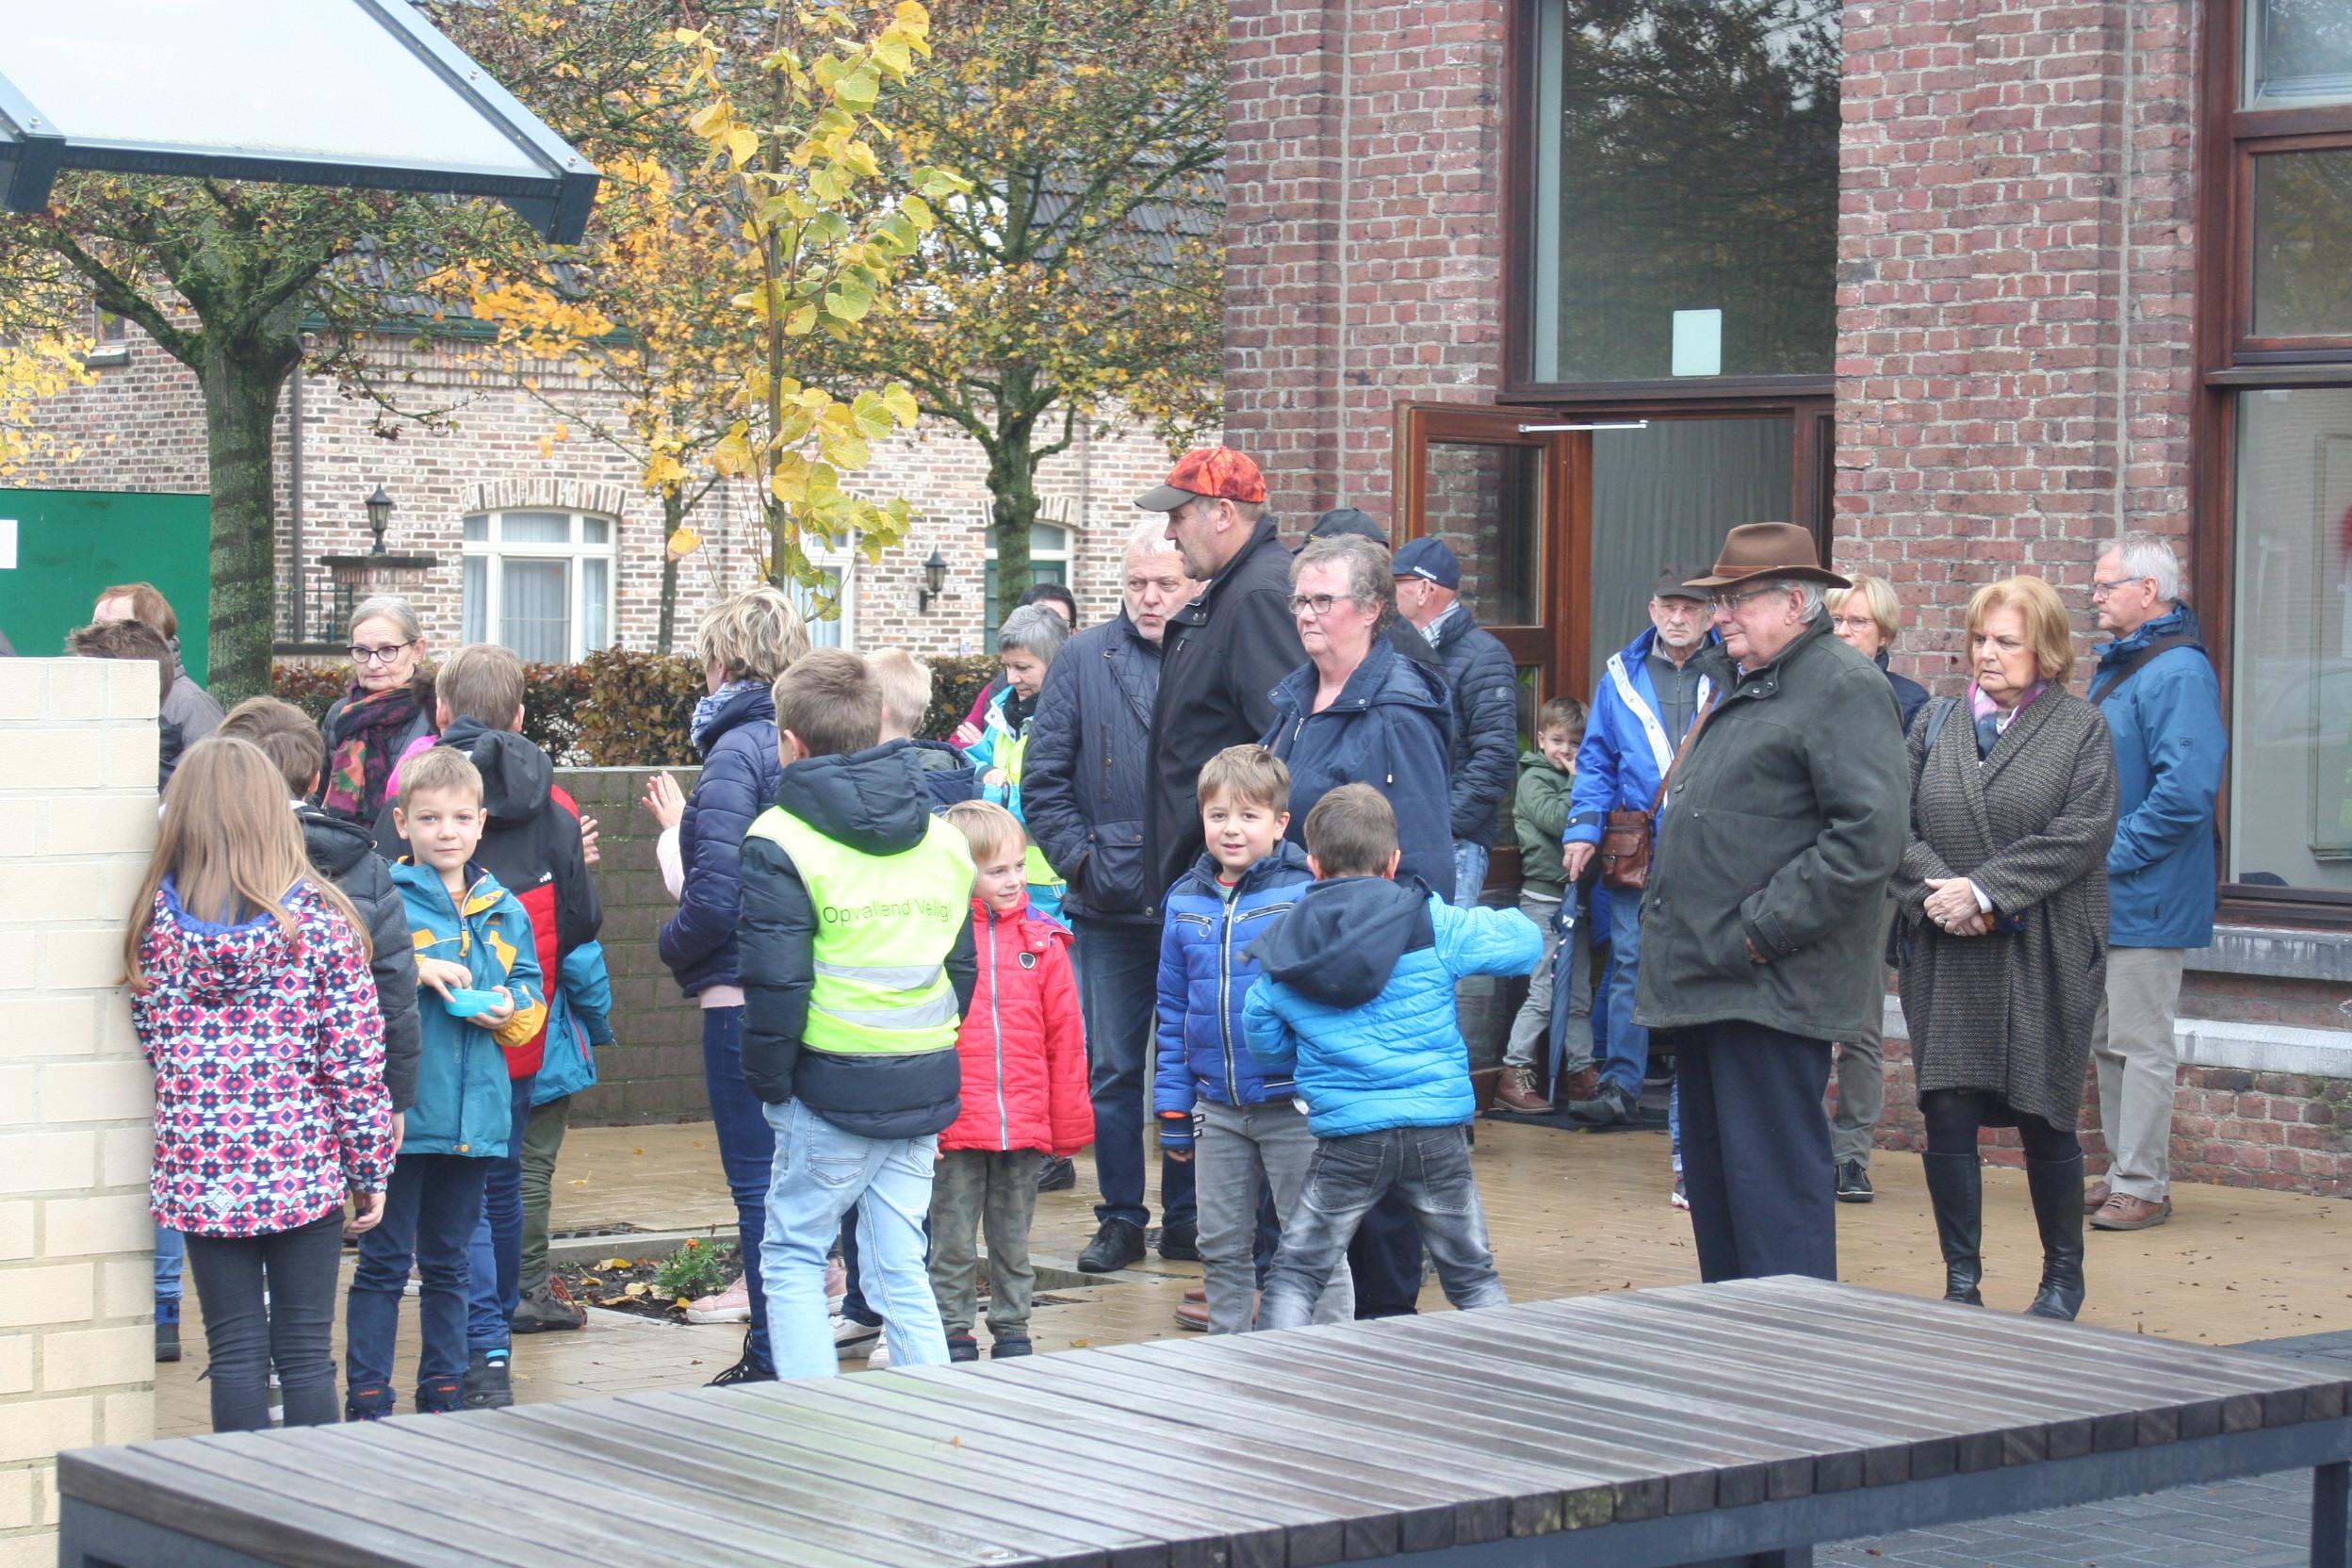 Pieter Brueghelkinderen nodigen opa's en oma's uit (Peer) - Het Belang van Limburg